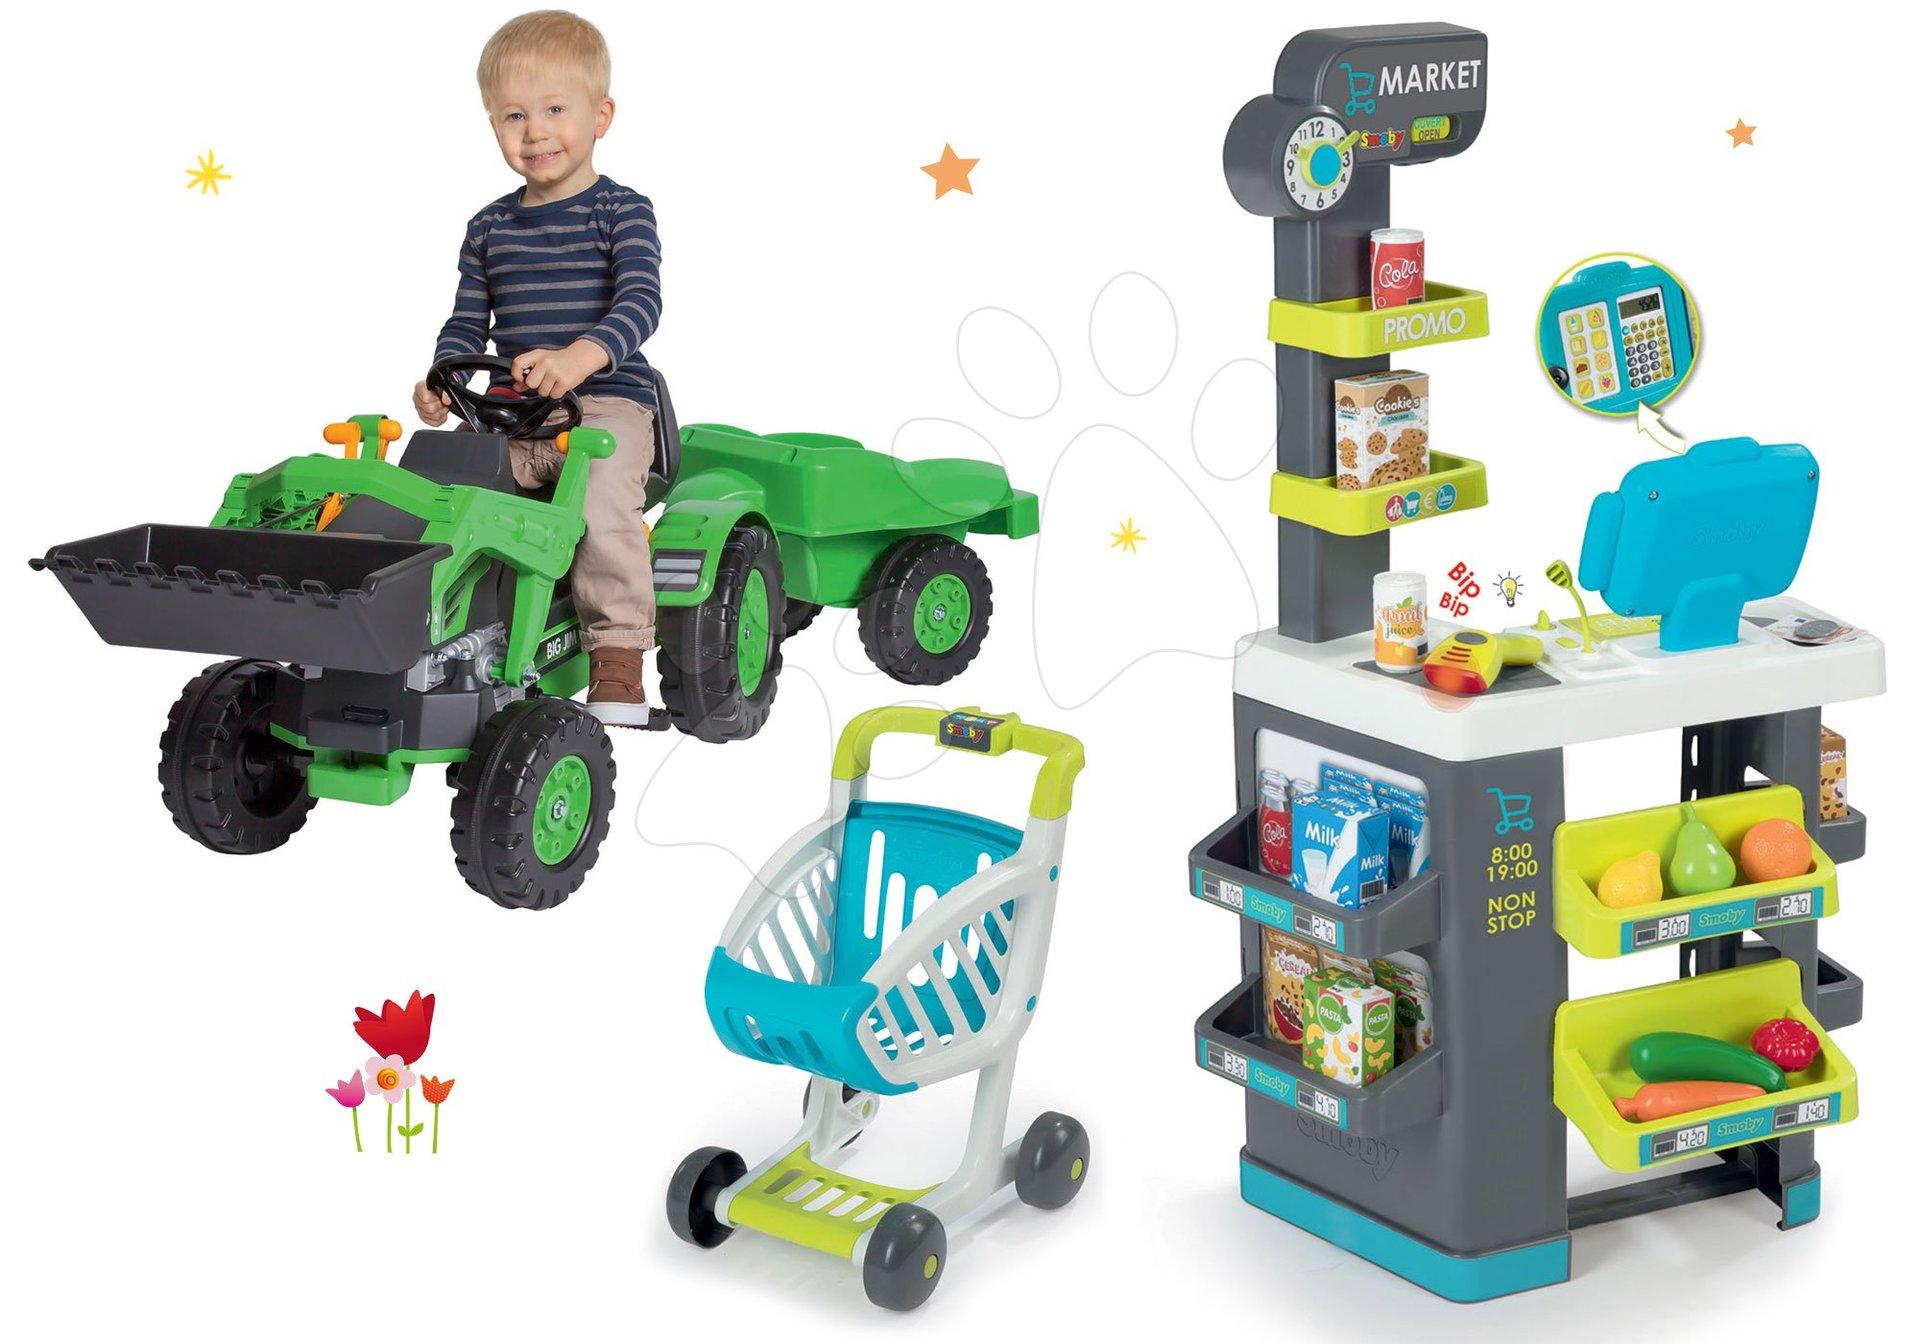 Smoby set obchod s potravinami Market a traktor na šlapání Jim Loader 350212-13